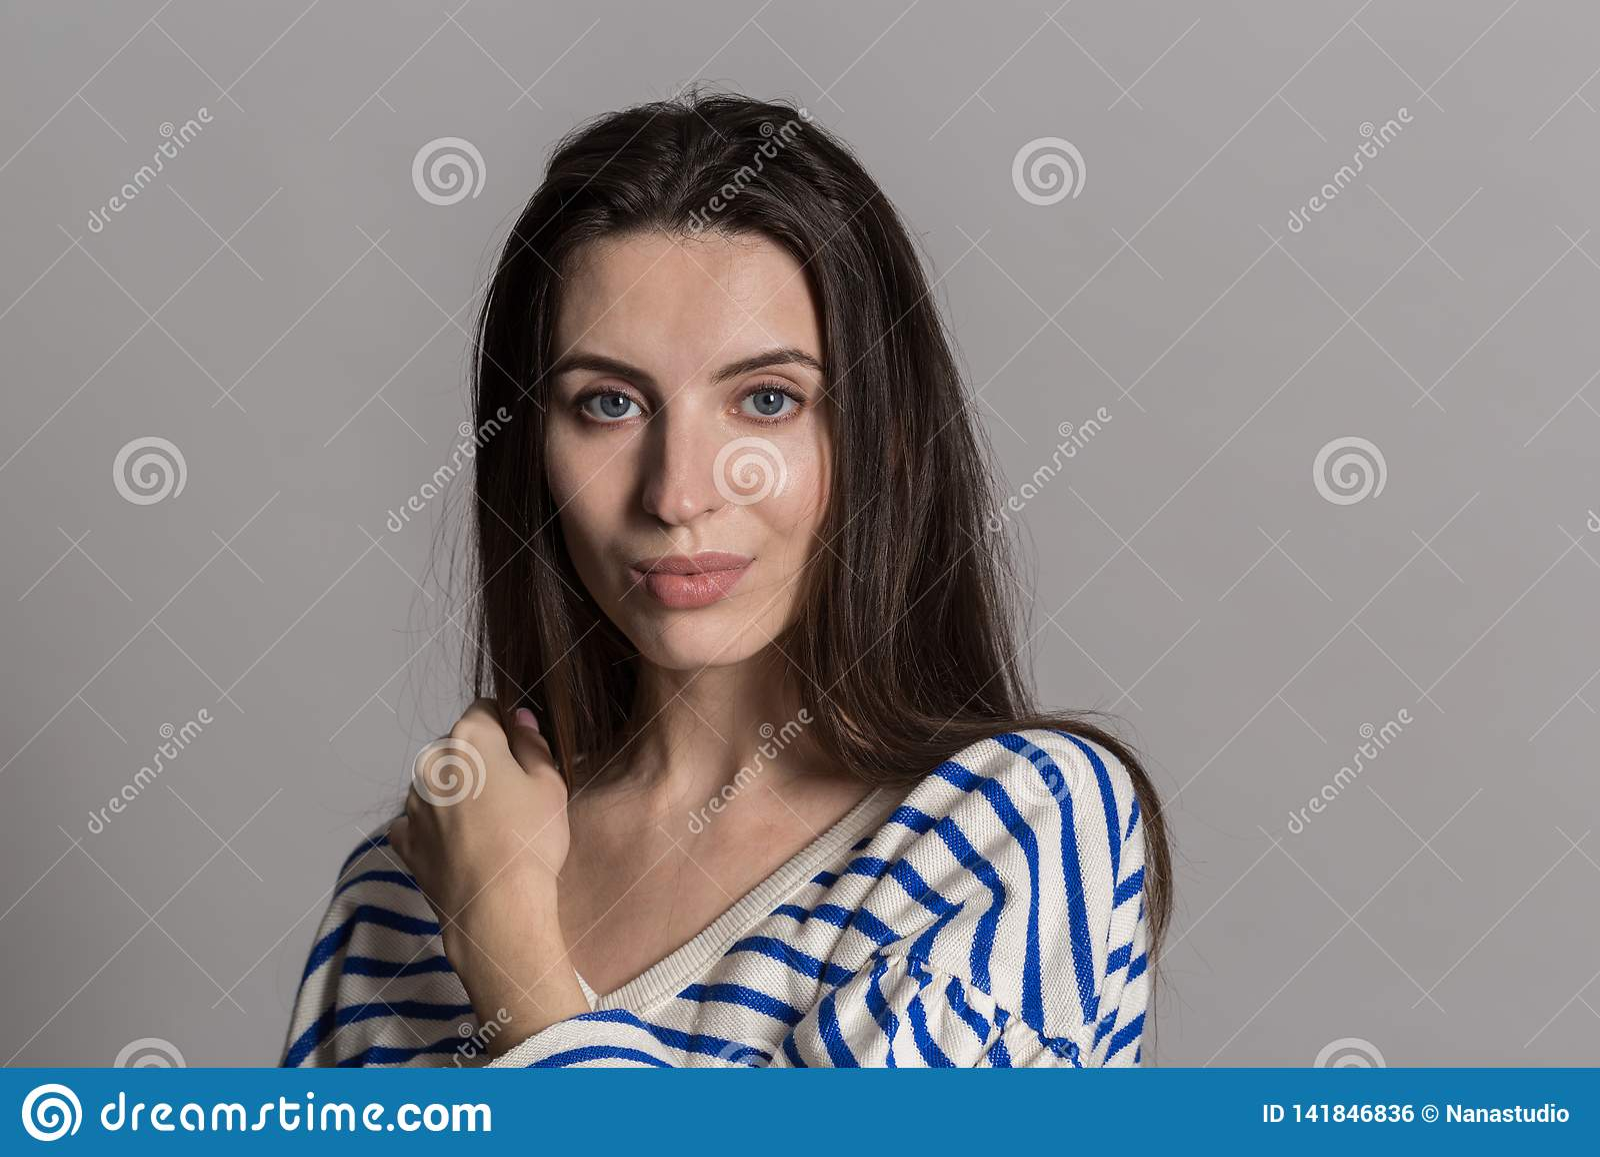 Nätt kvinna med fluffigt hår, påklädd tillfälligt mot en grå studiovägg